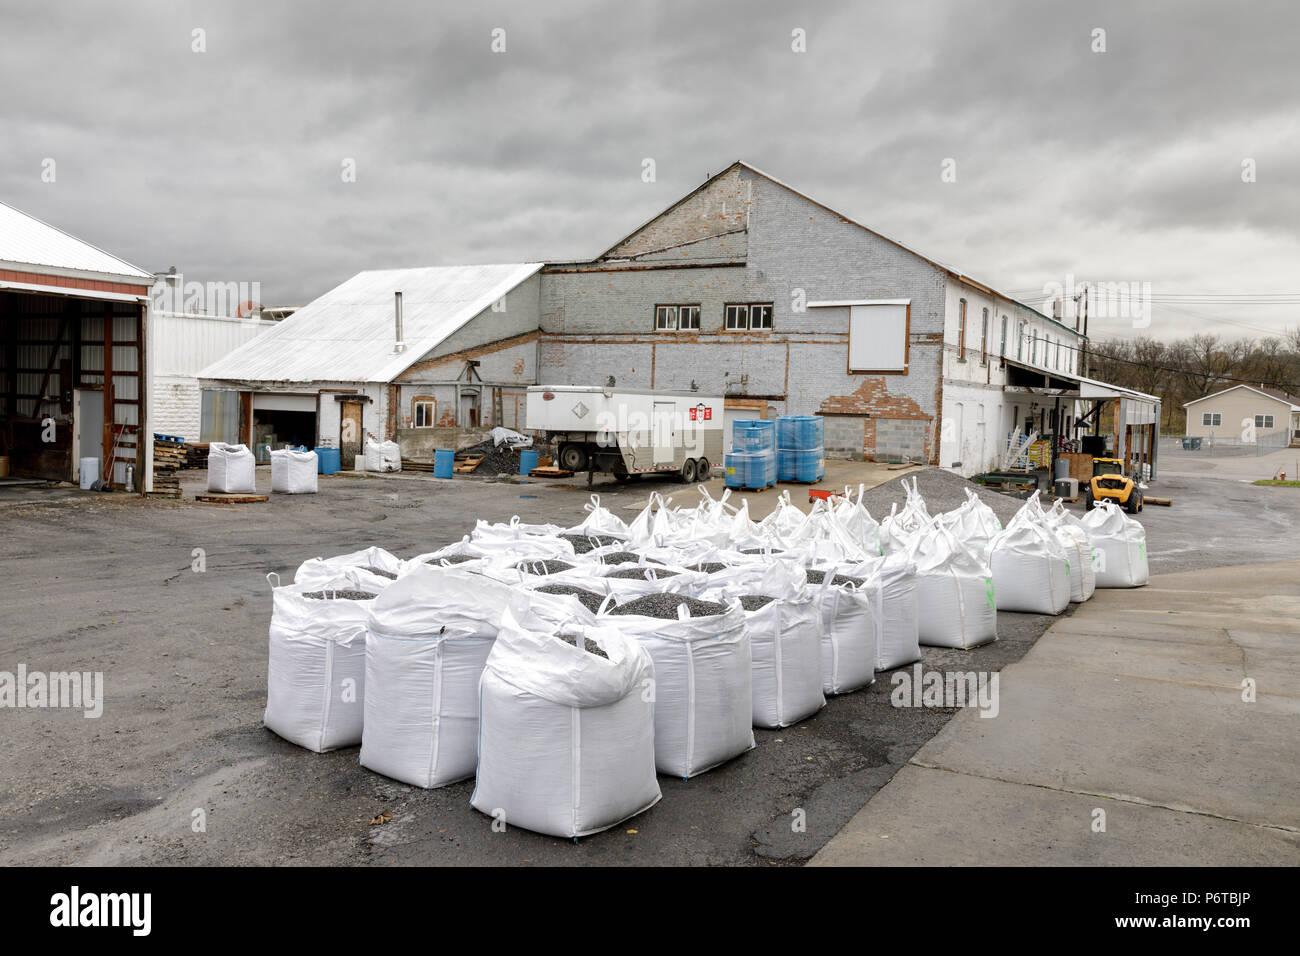 Fort Plain, à l'État de New York, USA: sacs de charbon pour le chauffage domestique sont en vente à ce magasin Amish. Photo Stock